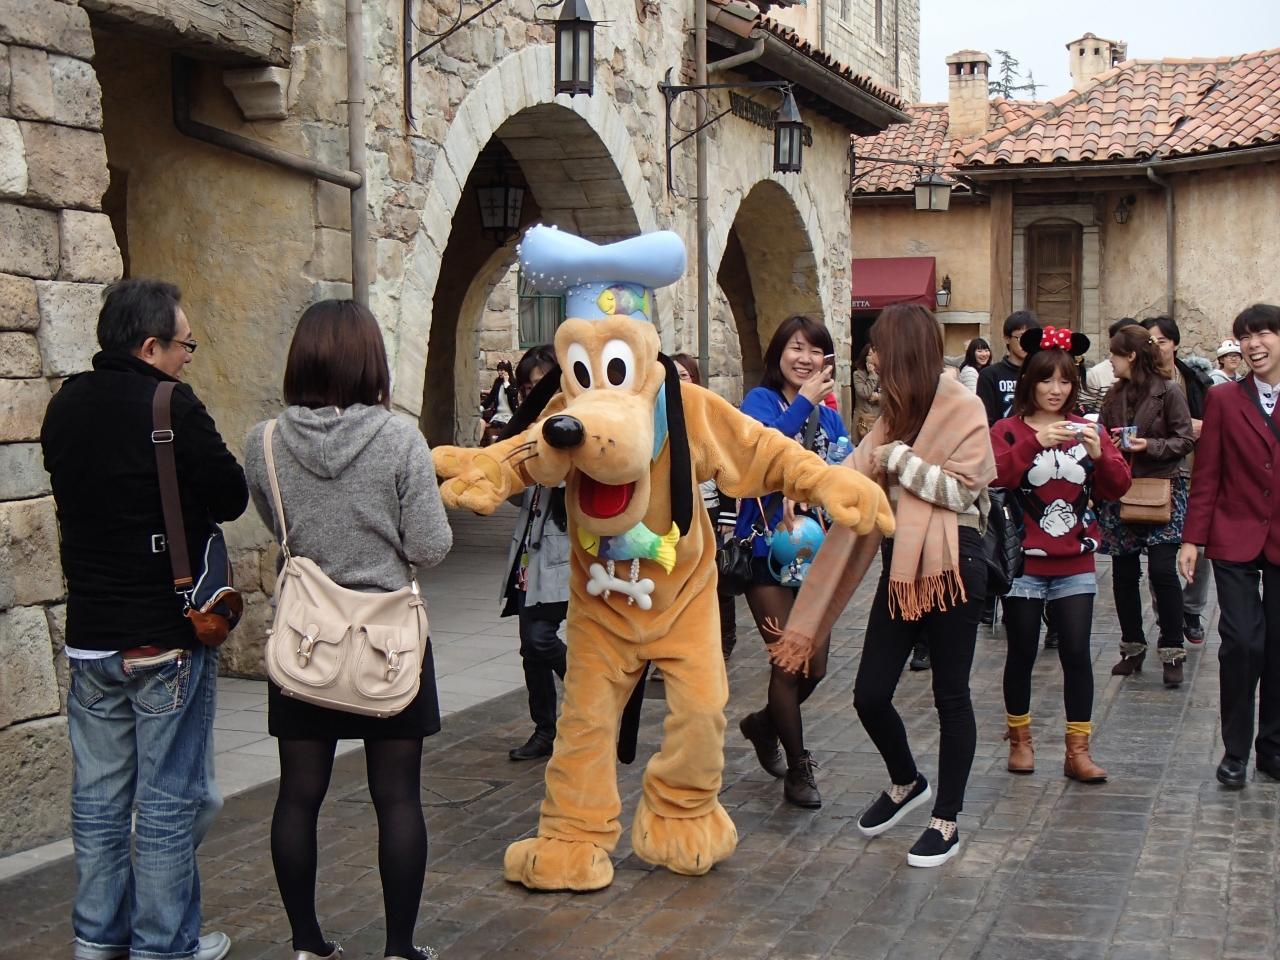 東京ディズニーランド&ディズニーシー2泊3日の旅』千葉県の旅行記